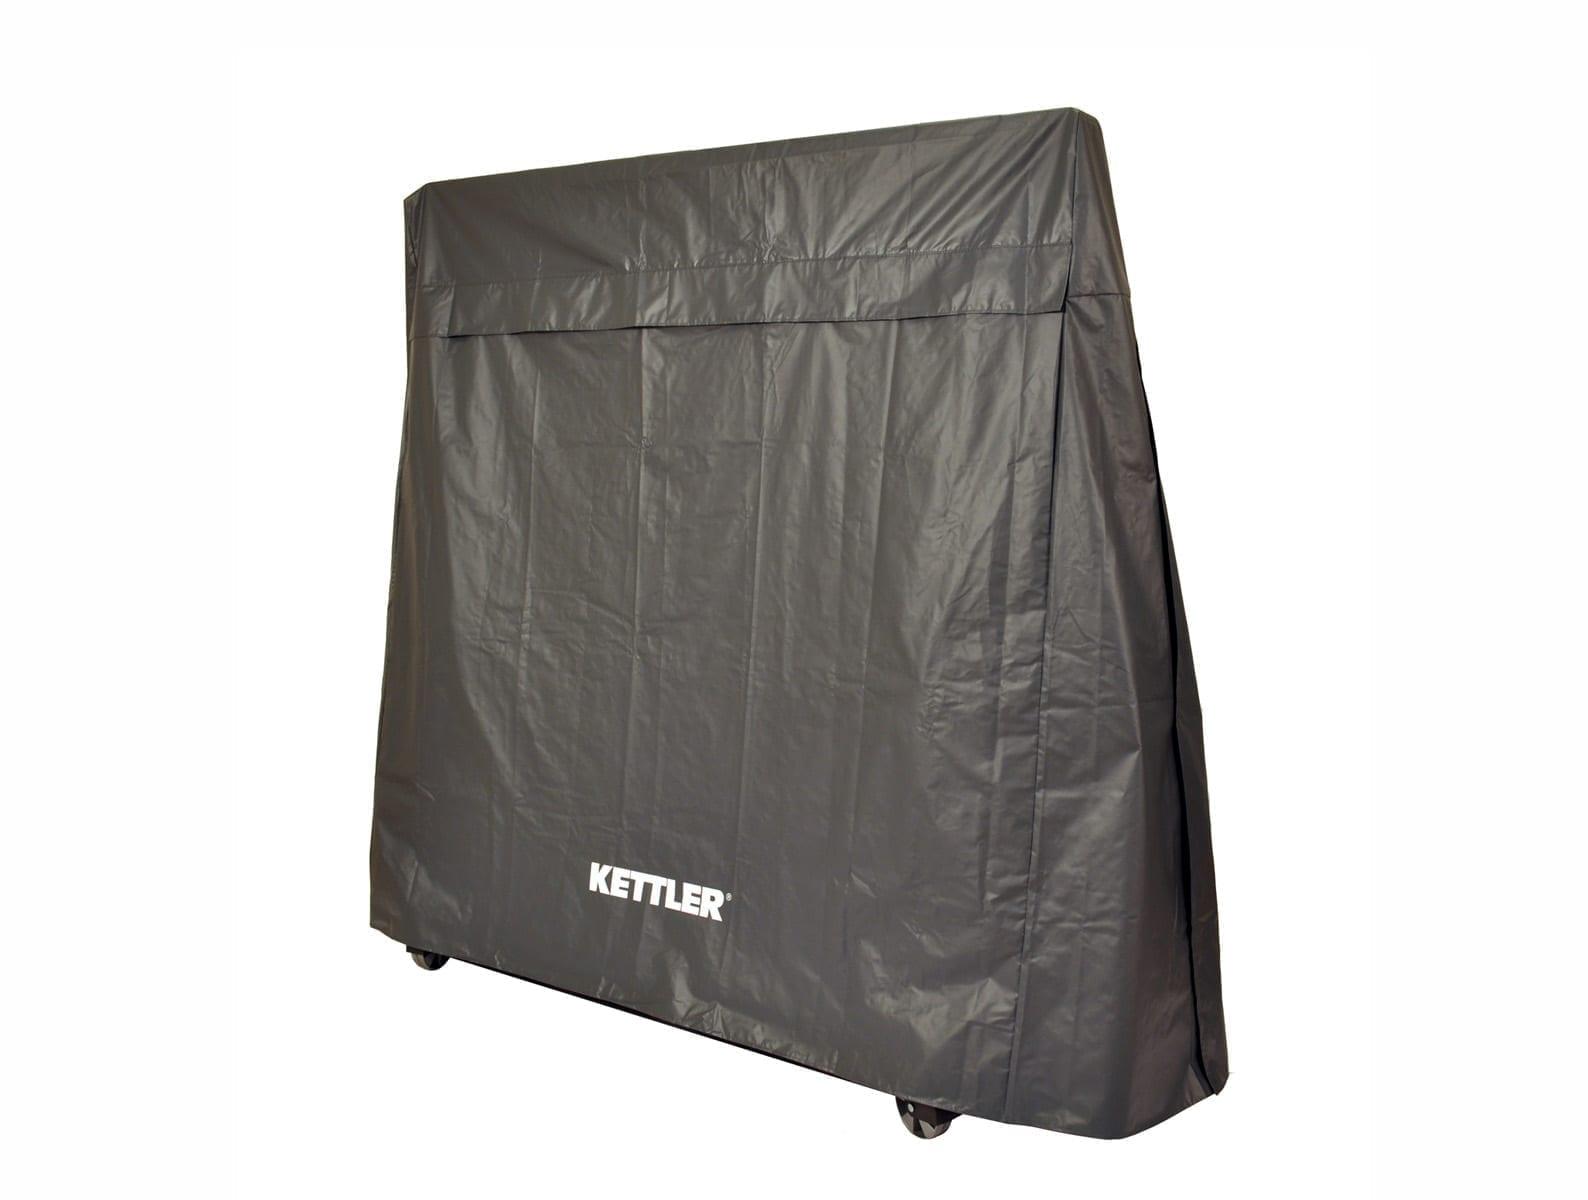 Kettler Outdoor Table Tennis Cover Games For Fun